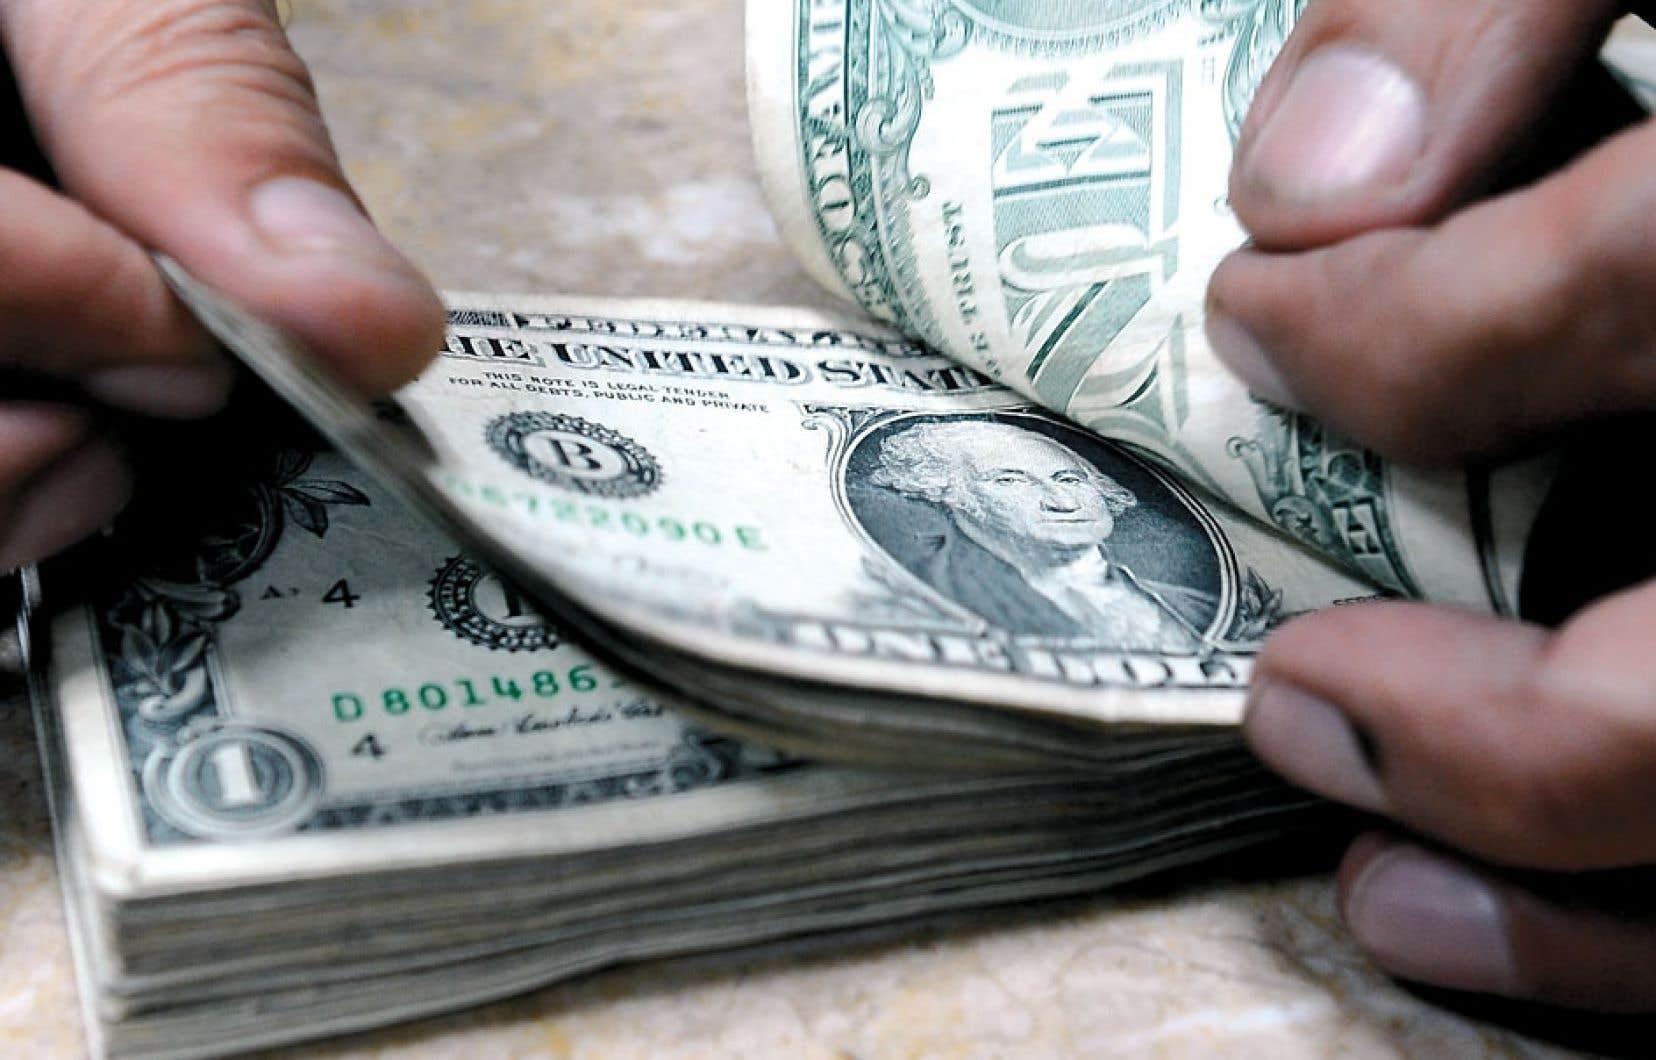 <div> Les retraités biélorusses tentent de protéger leurs avoirs en se procurant des dollars américains. Mais le phénomène risque de provoquer une poussée d'inflation. Contre la peur d'une nouvelle dévaluation de la monnaie biélorusse, le gouvernement aurait opposé la crainte d'une dégradation du papier-monnaie américain.</div>